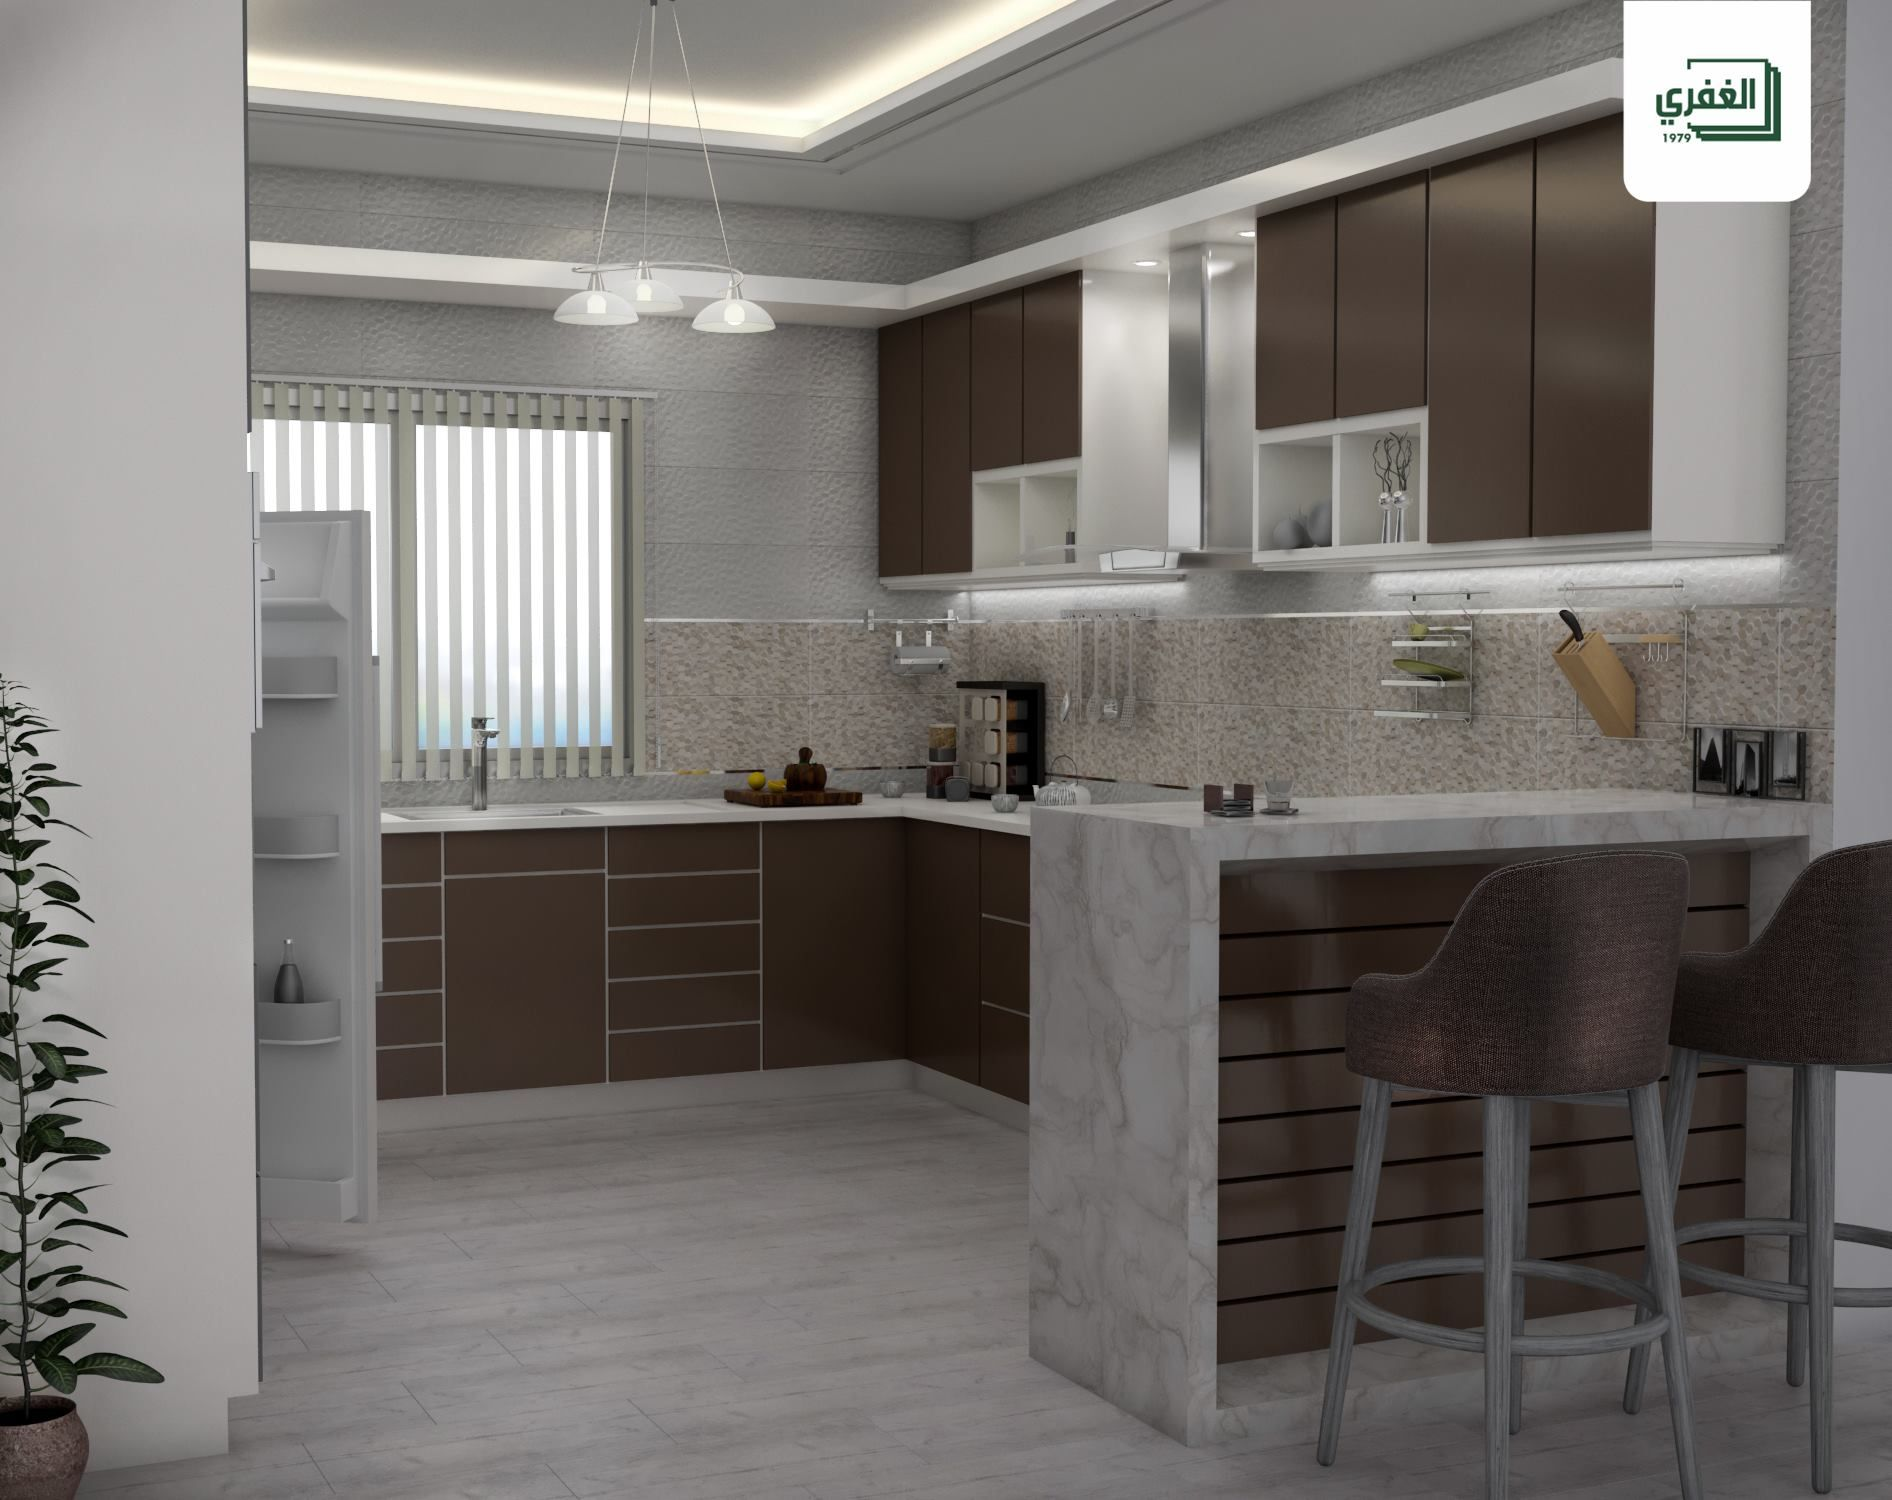 تصميم من شركة الغفري شركة Pamesa الاسبانية جديد من كتالوج 2017 المقاس 75x25 للمزيد يسعدنا تواصلكم على الرقم 082861026 او علي Home Decor Kitchen Decor